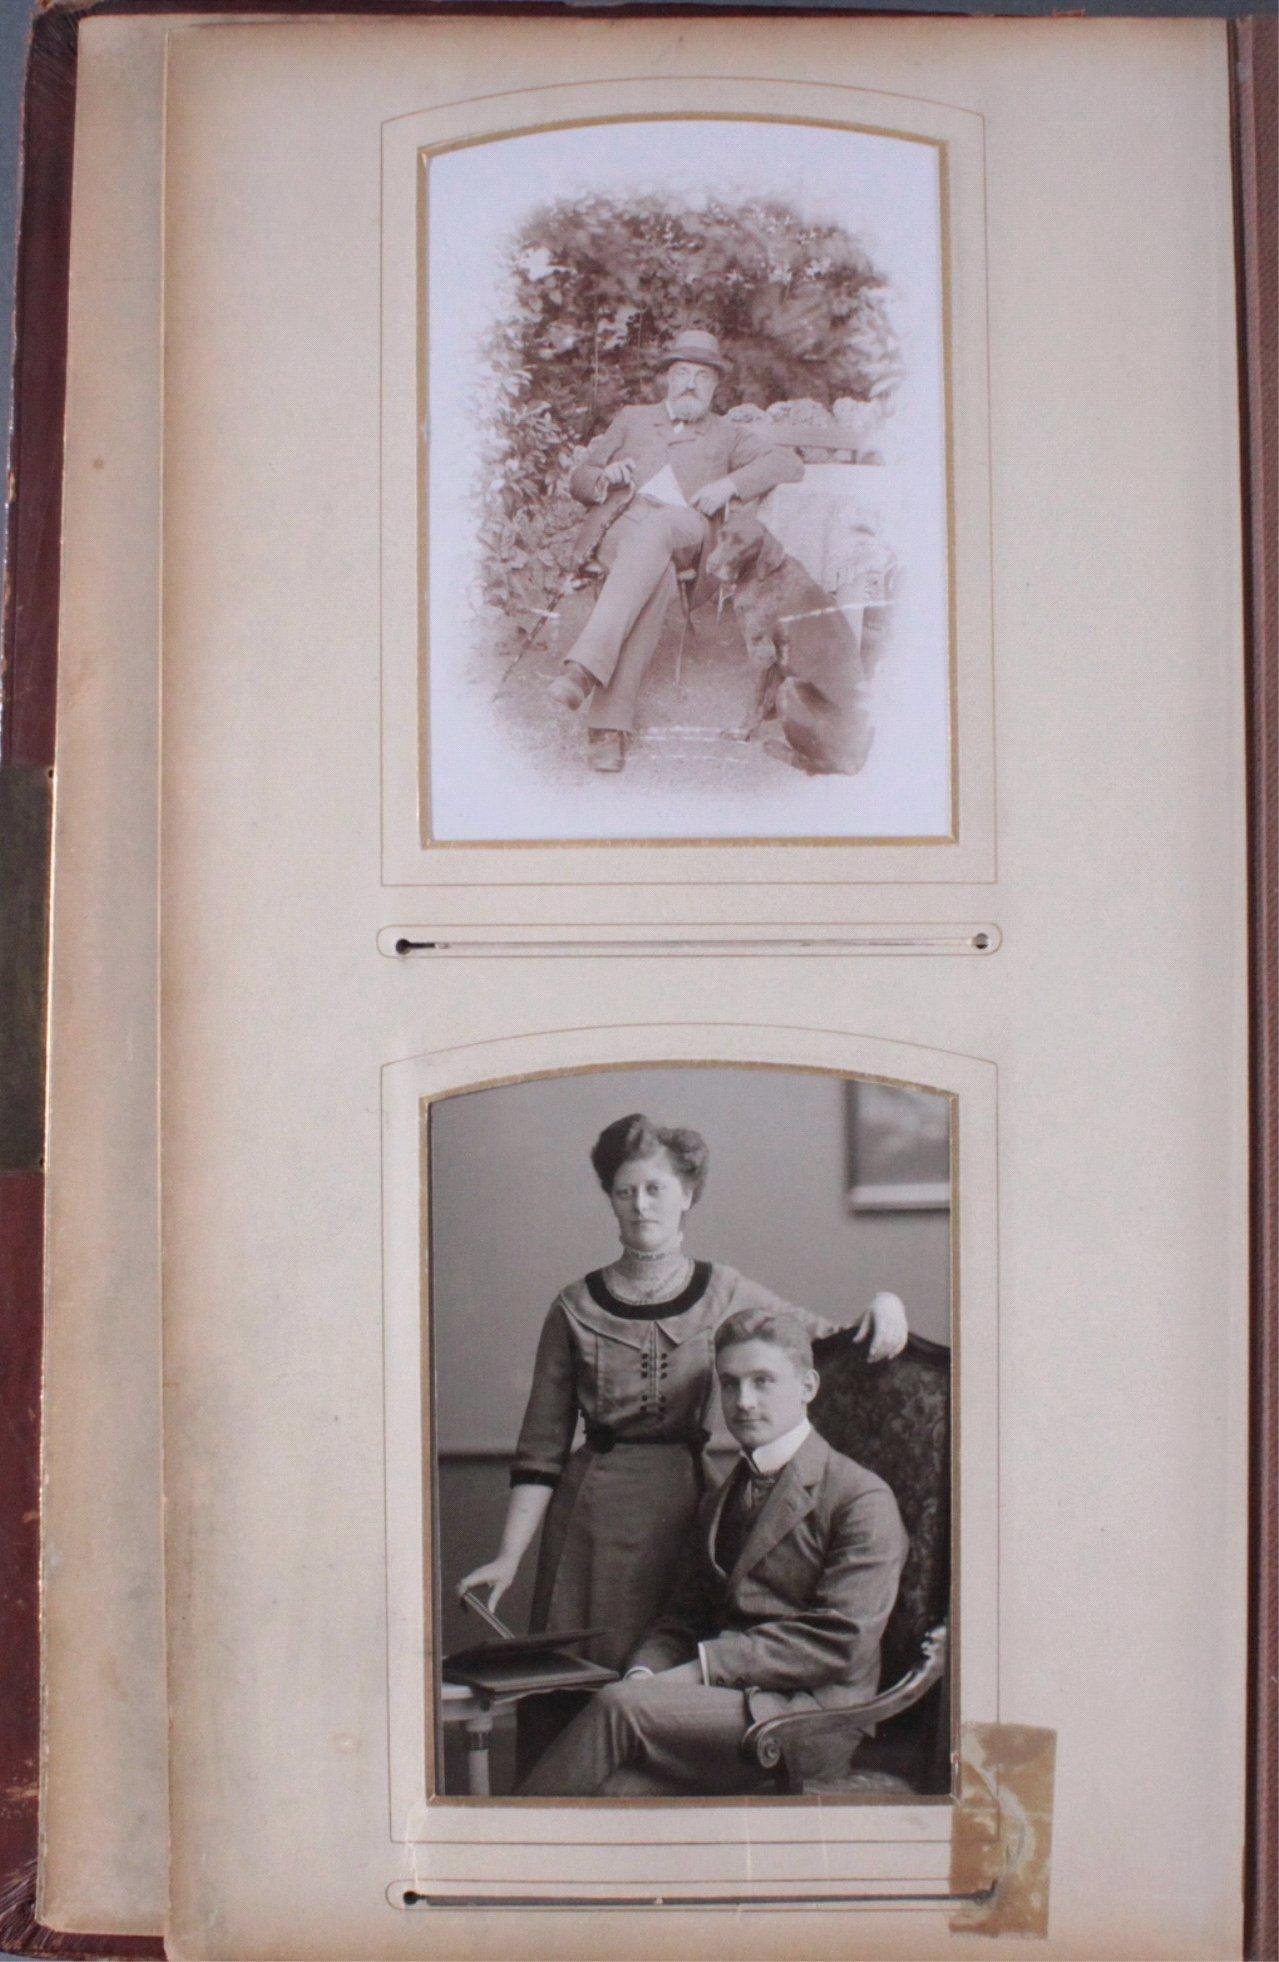 Einsteck-Fotoalbum um 1900-5